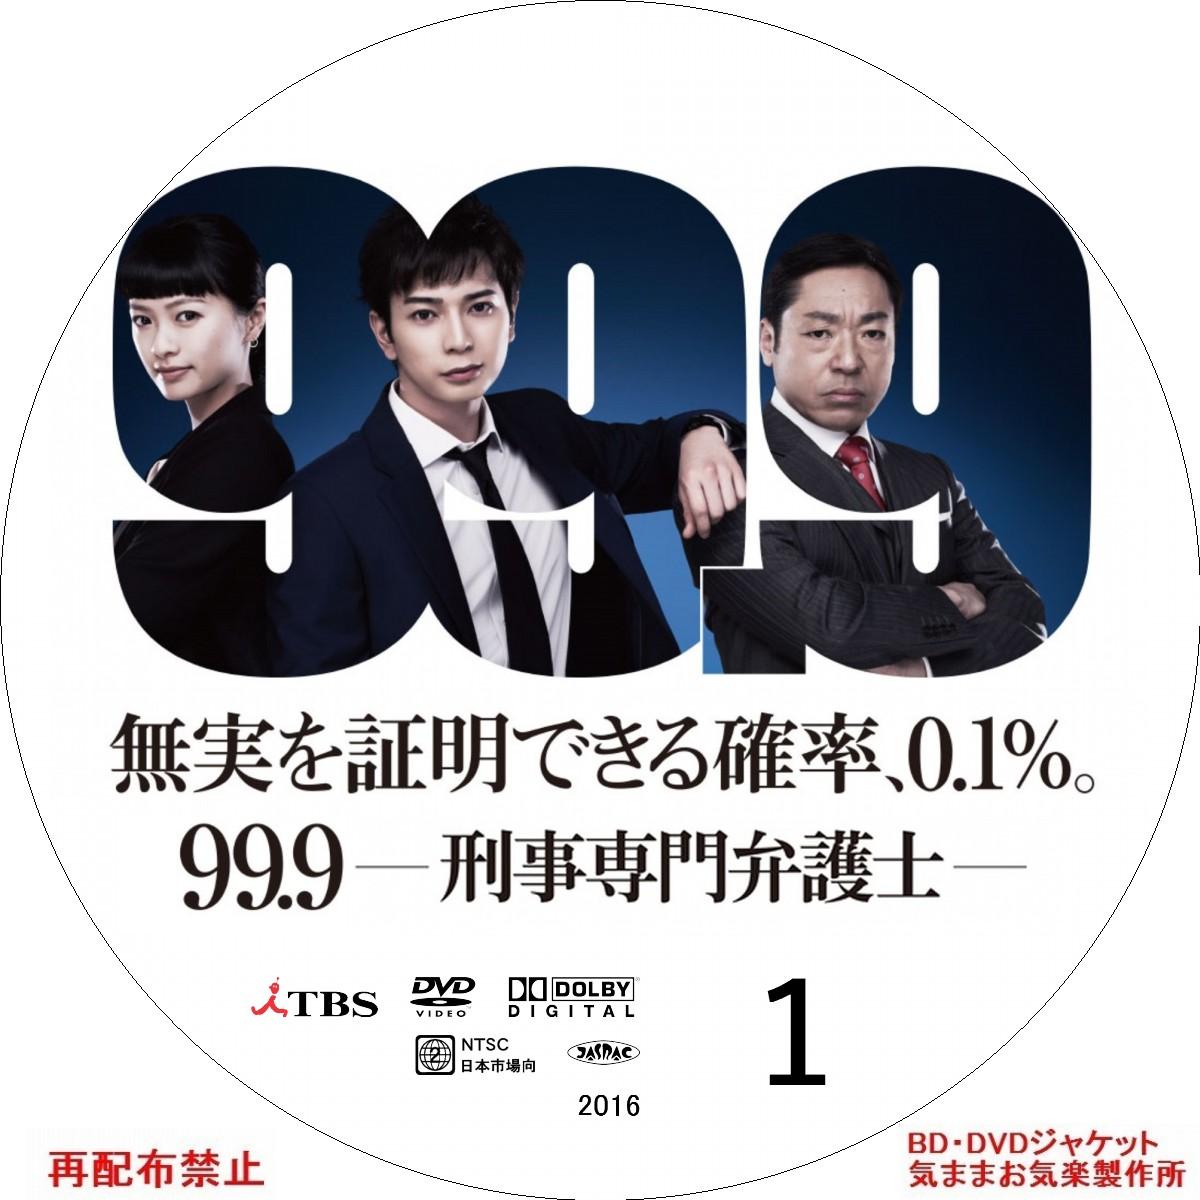 999_DVD01.jpg